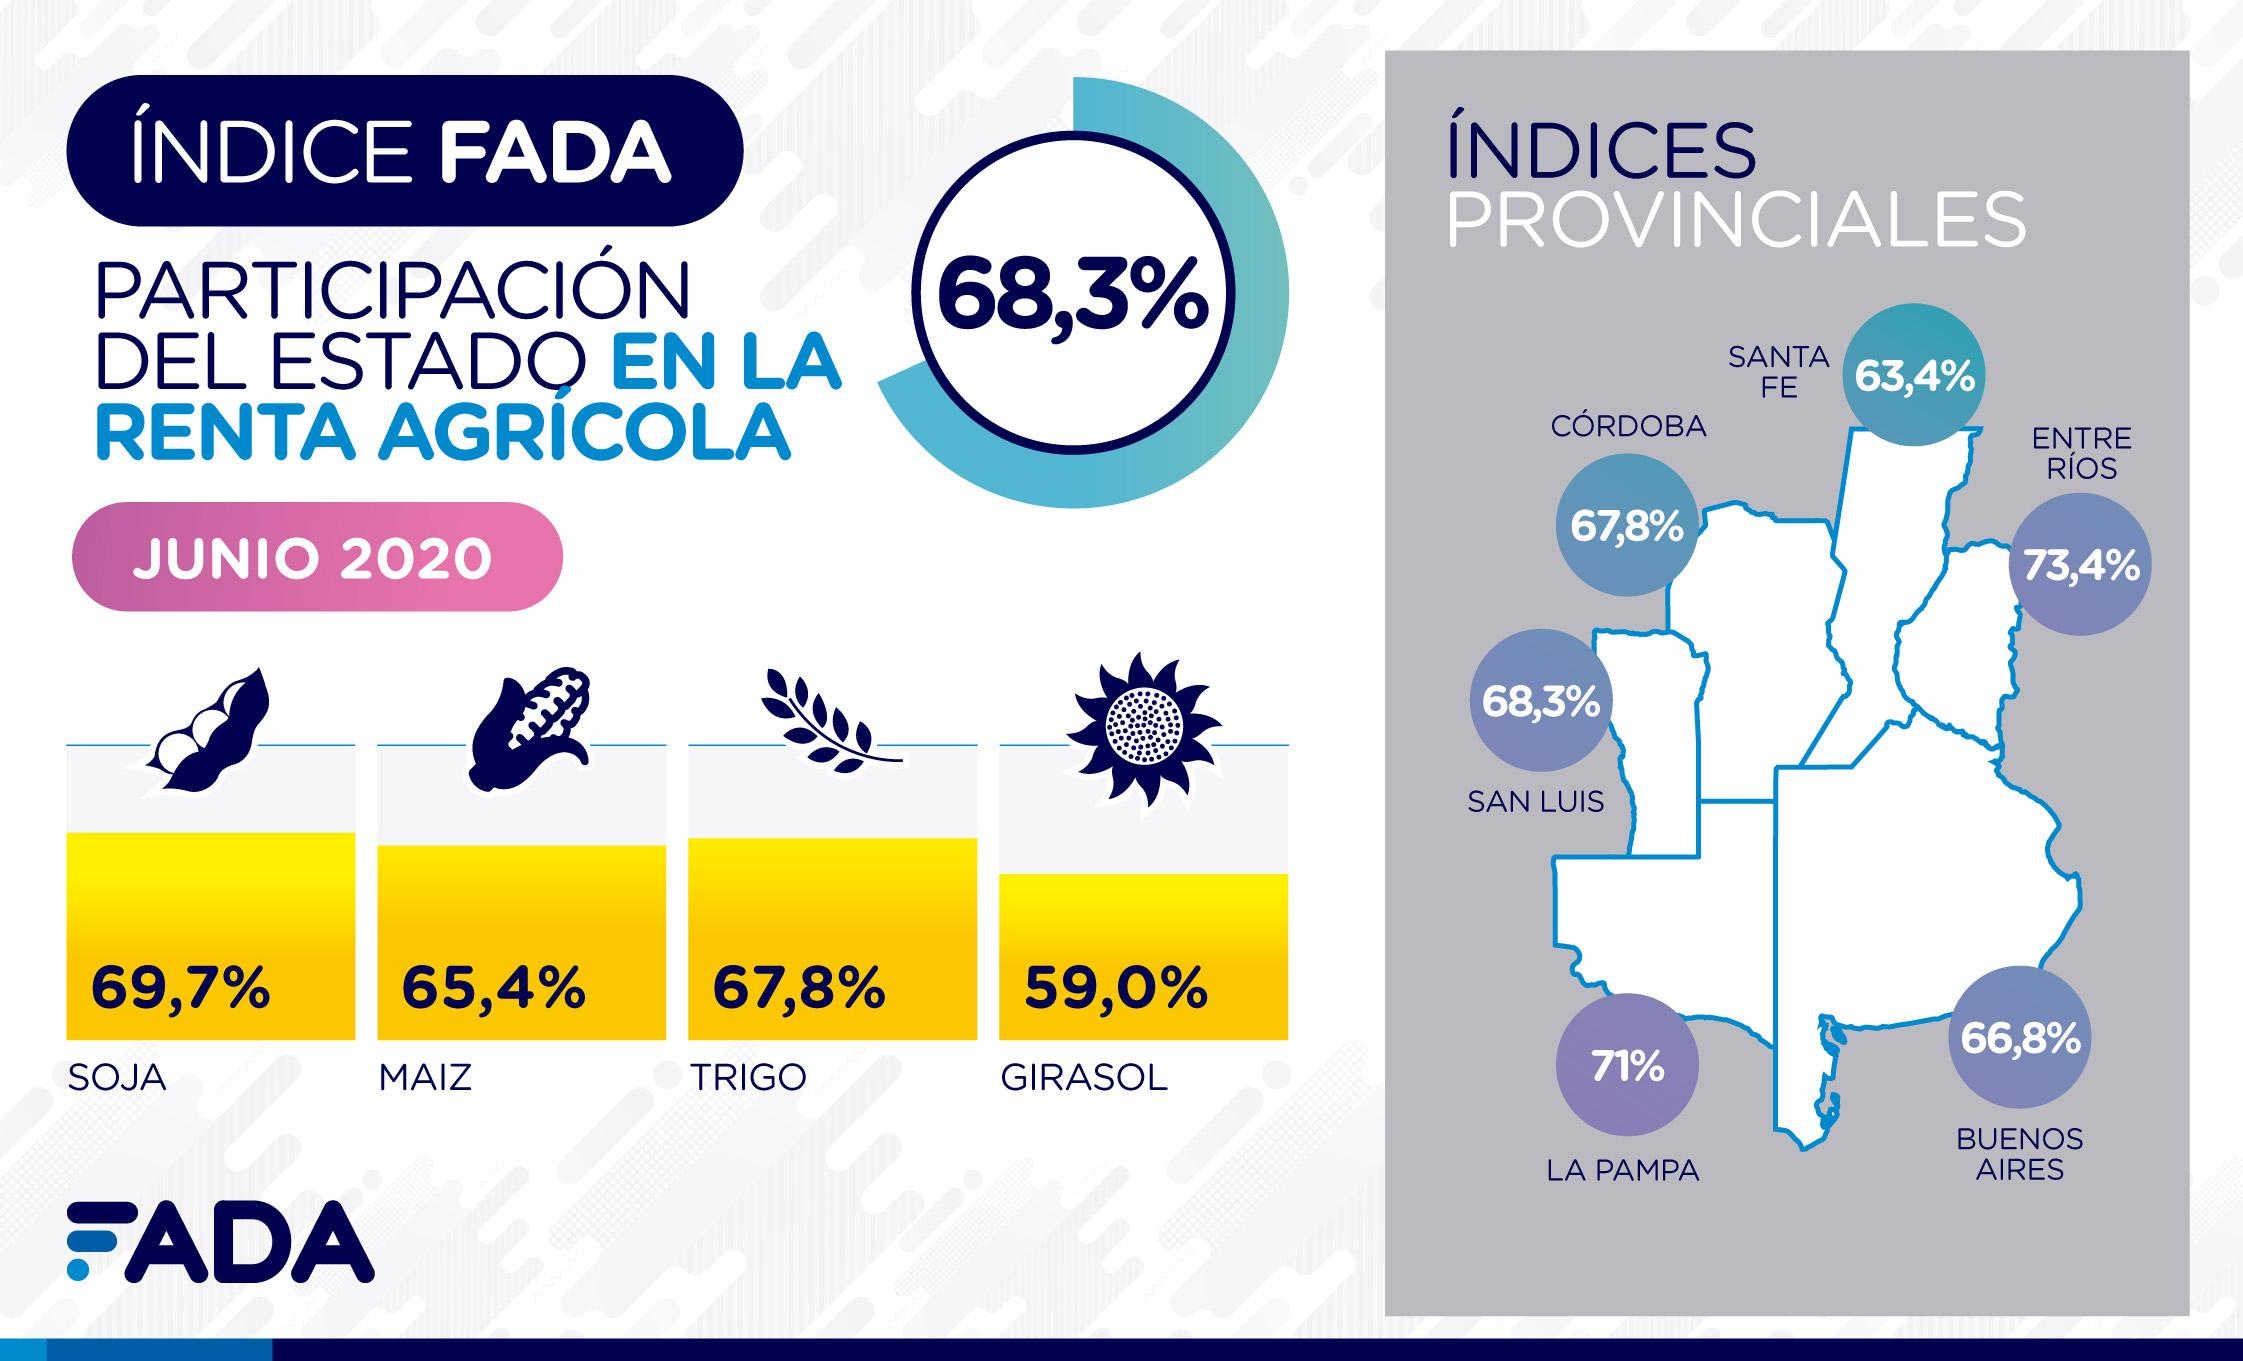 Índice FADA Junio 2020: 68,3%